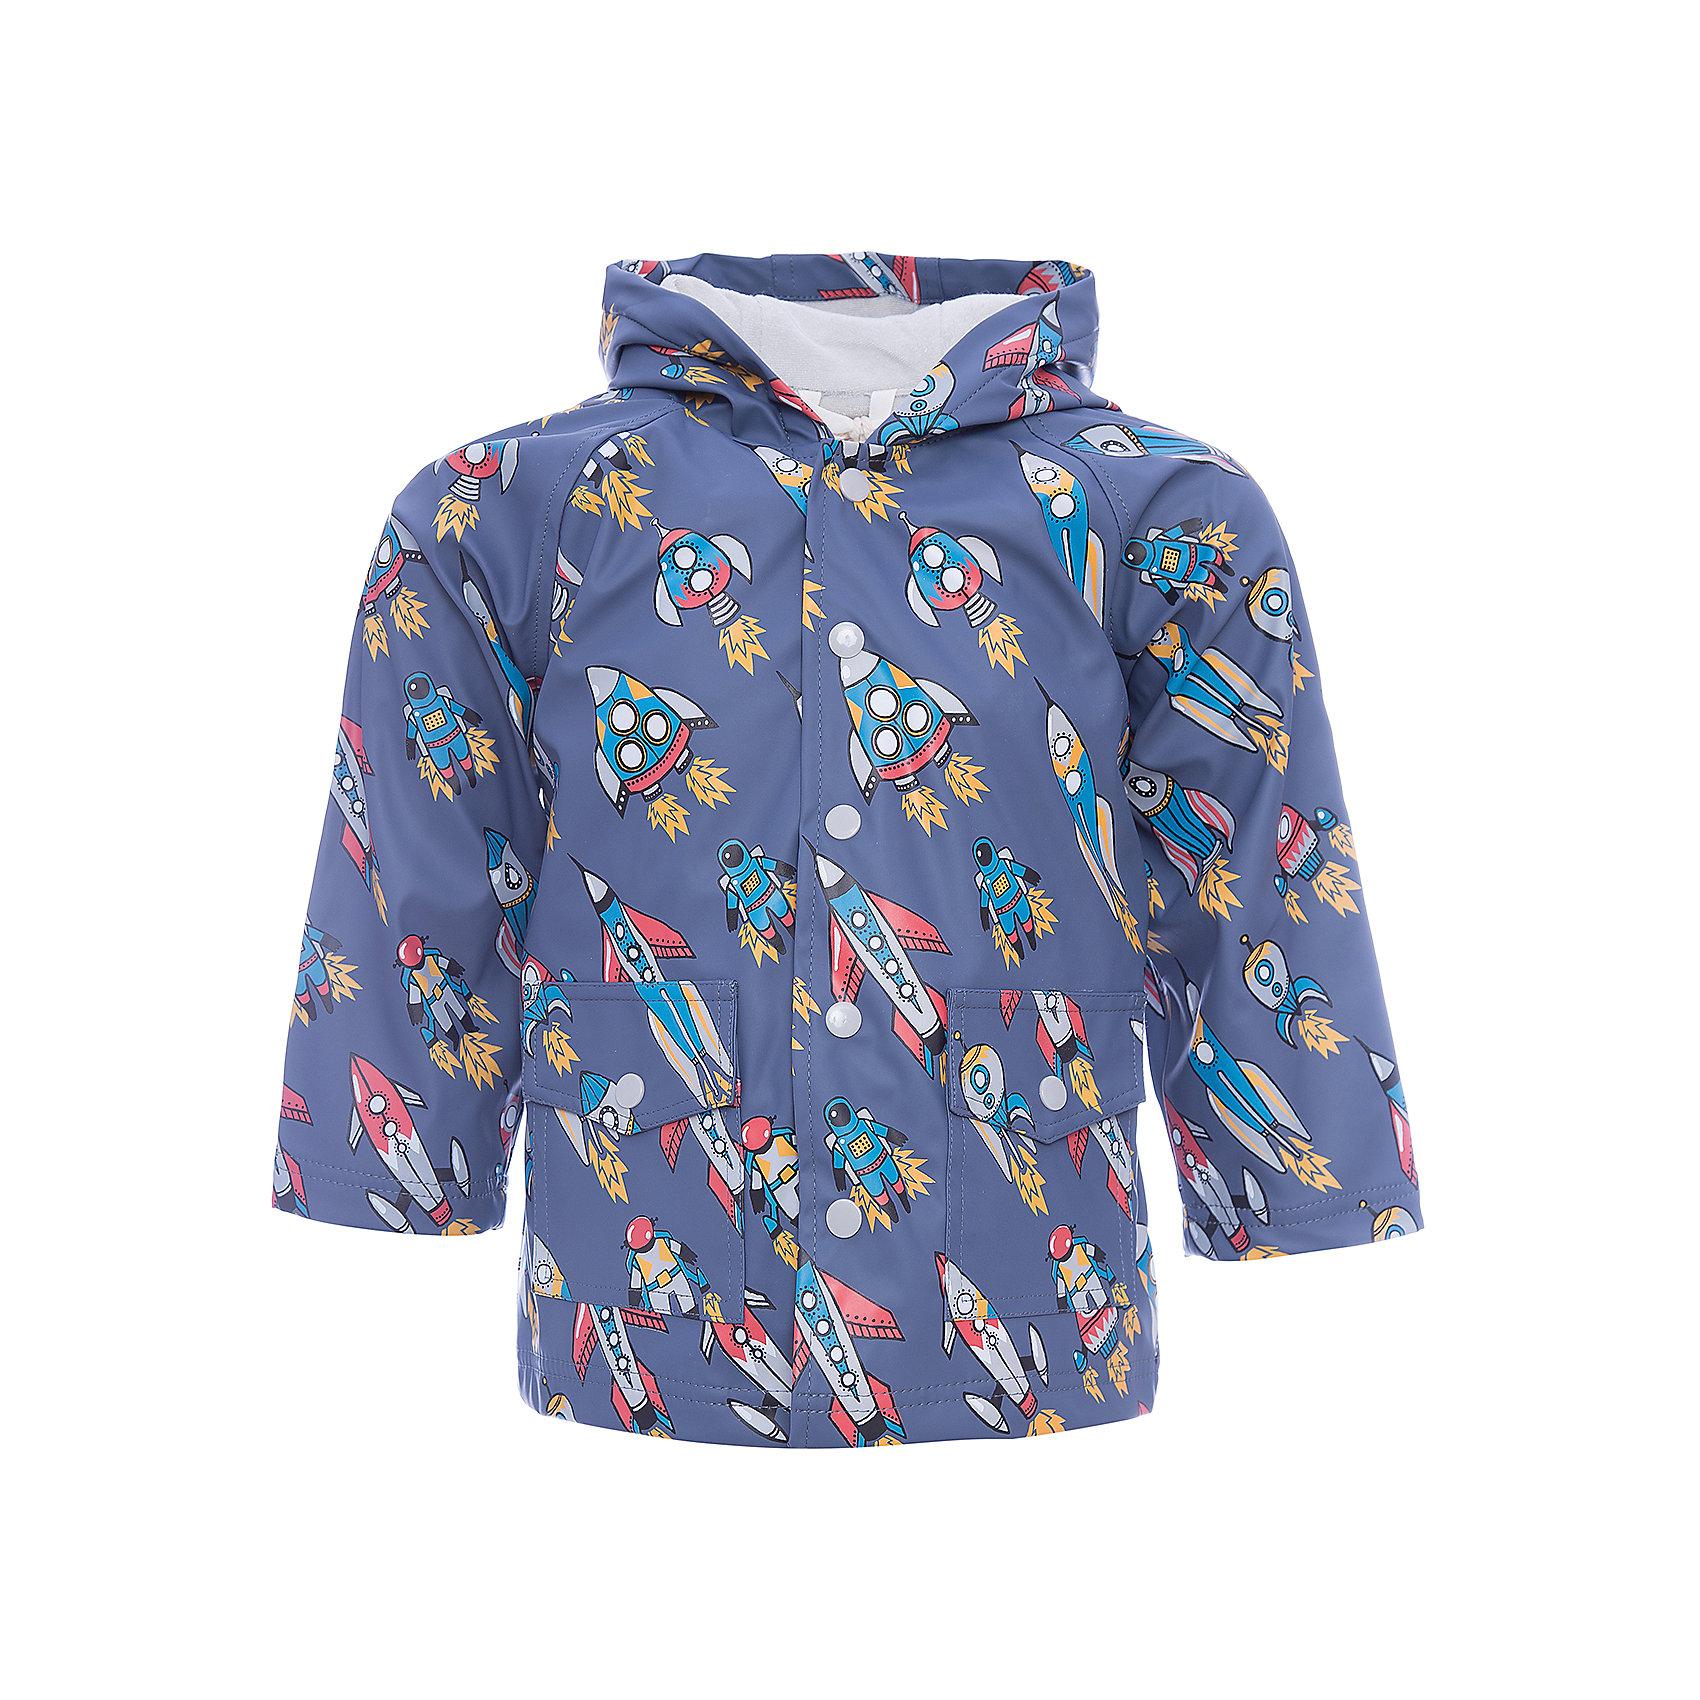 Плащ для мальчика HatleyВерхняя одежда<br>Плащ для мальчика Hatley<br><br>Характеристики:<br><br>• Состав: верх - 100%полиуретан, подкладка -100% полиэстер<br>• Цвет: серый<br><br>Красивый и яркий плащ с уникальным дизайном не оставит ребенка равнодушным. У плаща два небольших кармана, удобный капюшон и крючок, чтобы повесить вещь на вешалку. Внутри плаща махровая подкладка, которая придает дополнительное тепло. Застегивается плащ на пуговки, которые может застегнуть ребенок самостоятельно. <br><br>Плащ для мальчика Hatley можно купить в нашем интернет-магазине.<br><br>Ширина мм: 356<br>Глубина мм: 10<br>Высота мм: 245<br>Вес г: 519<br>Цвет: серый<br>Возраст от месяцев: 48<br>Возраст до месяцев: 60<br>Пол: Мужской<br>Возраст: Детский<br>Размер: 110,104,98,92<br>SKU: 5020784